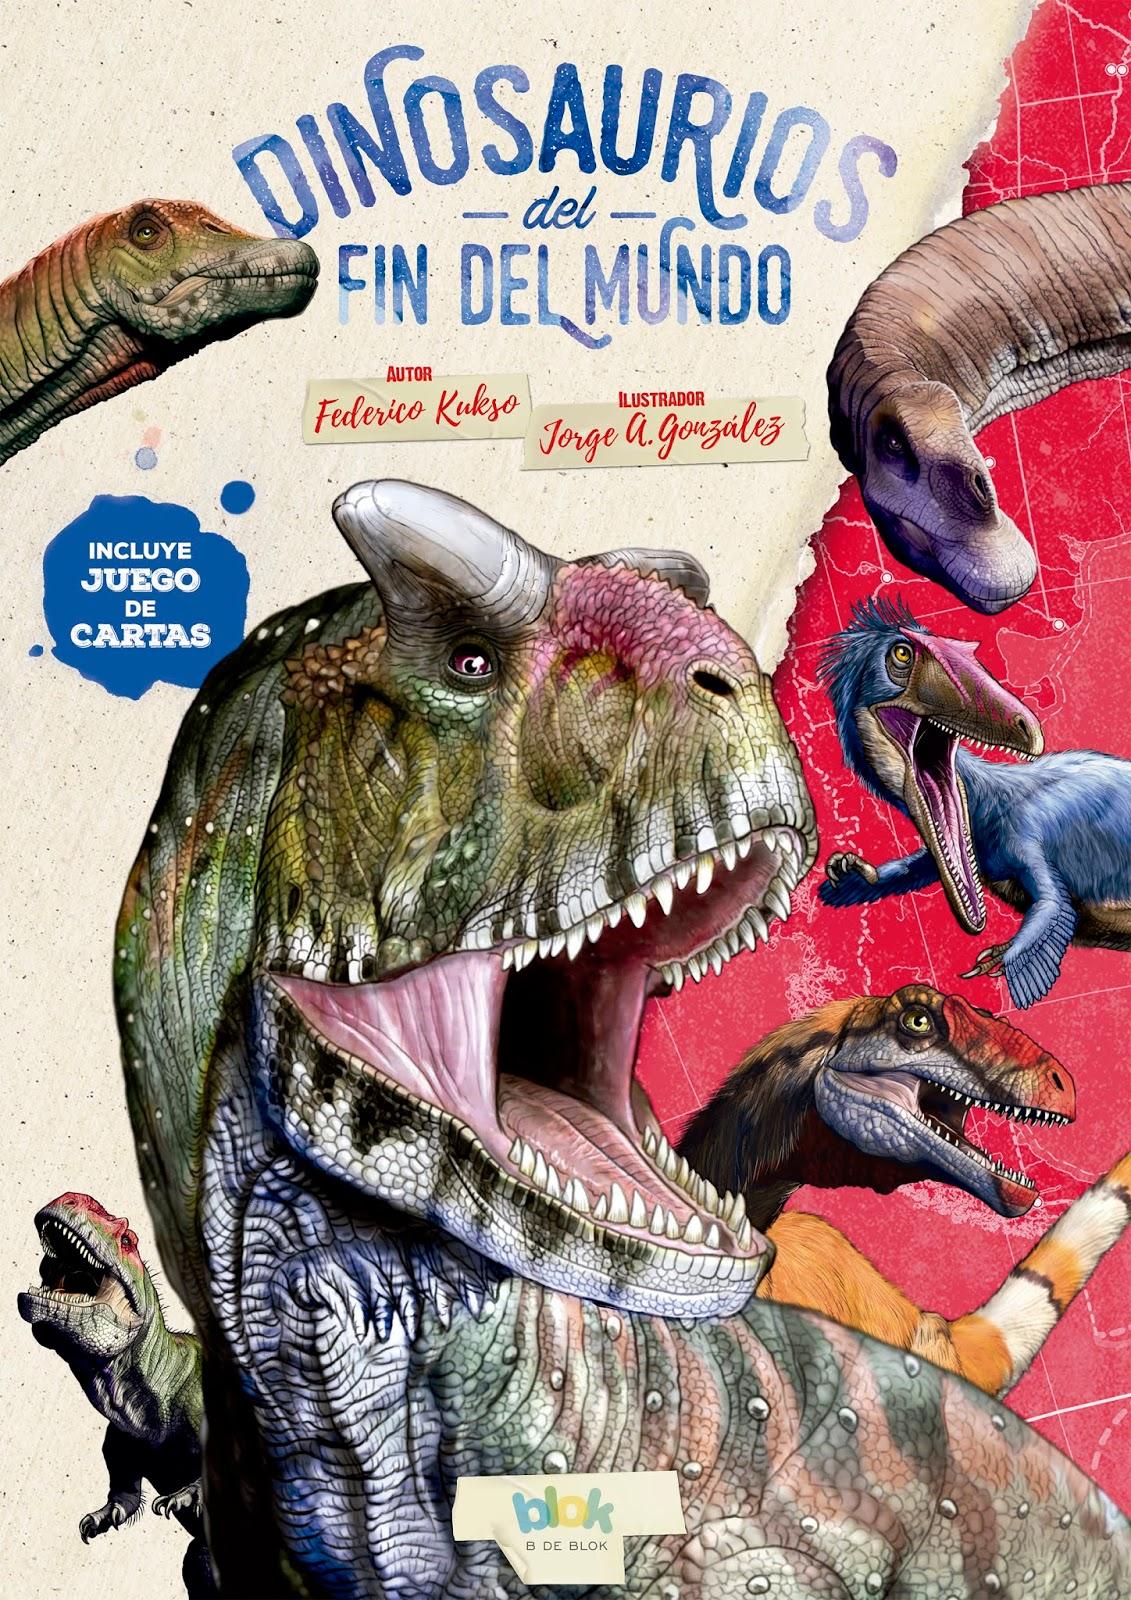 Dinosaurios del fin del mundo, de Federico Kukso